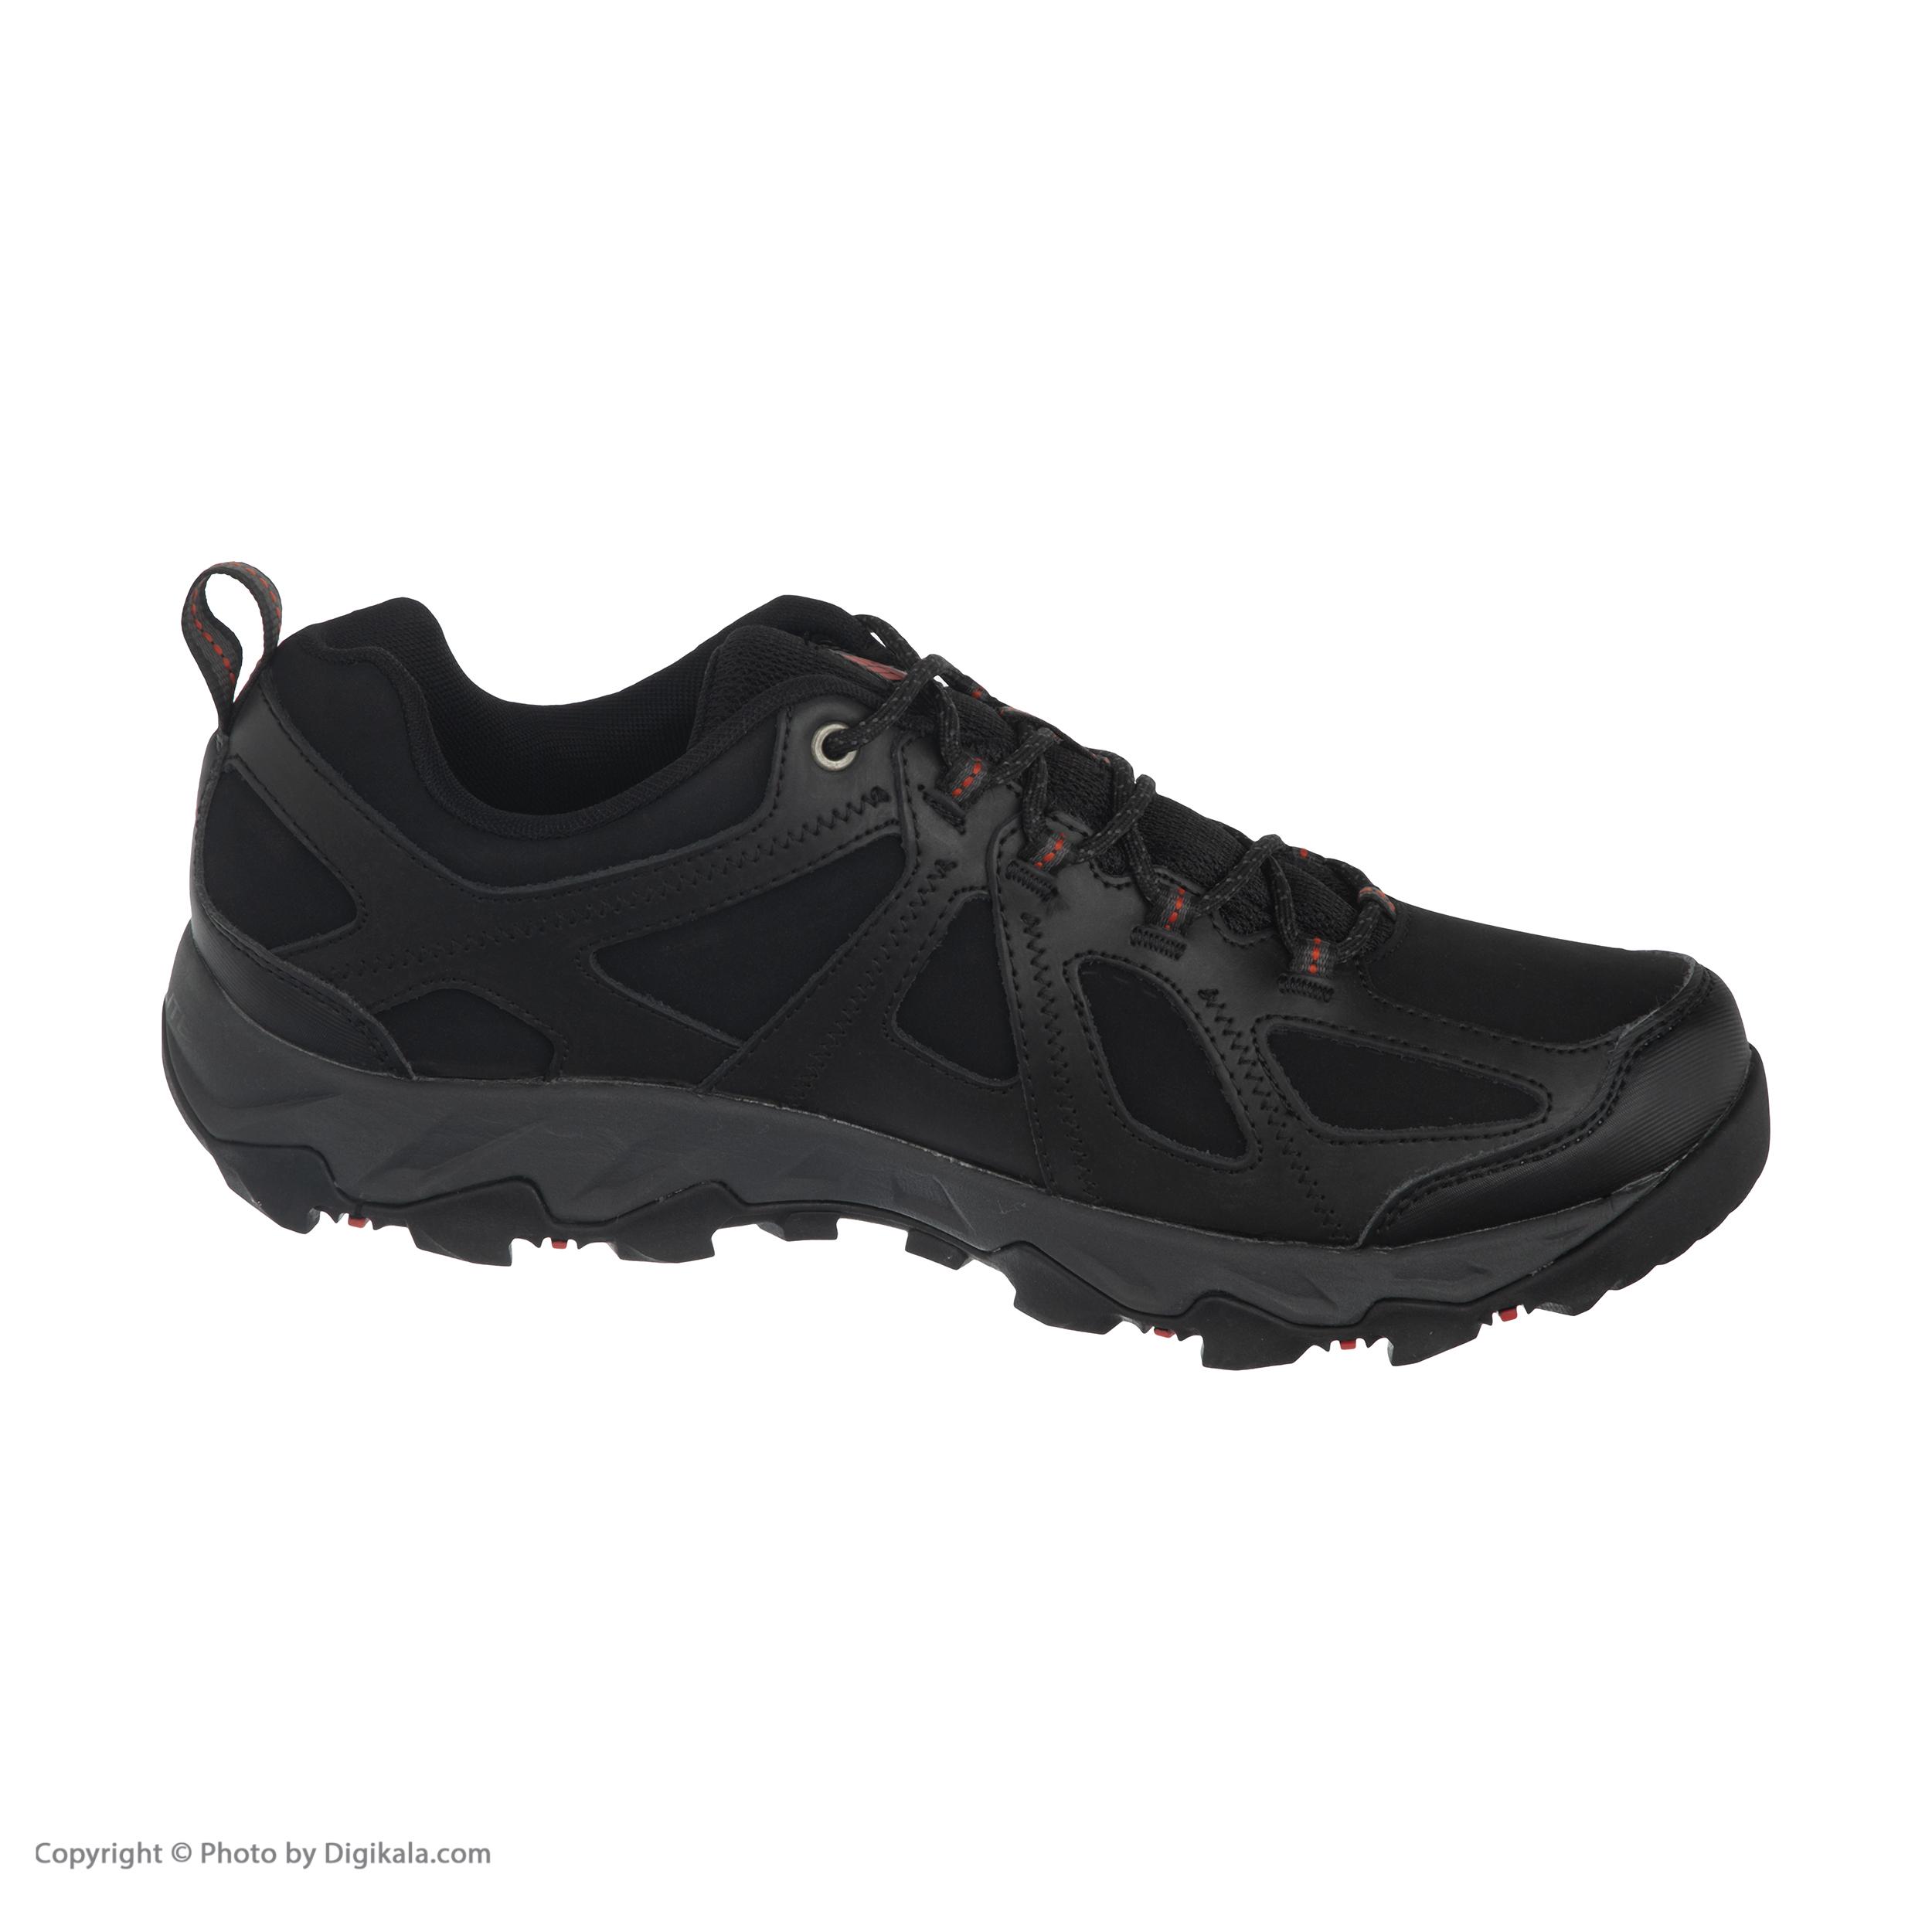 کفش طبیعت گردی مردانه کلمبیا مدل Out Dry -  - 4